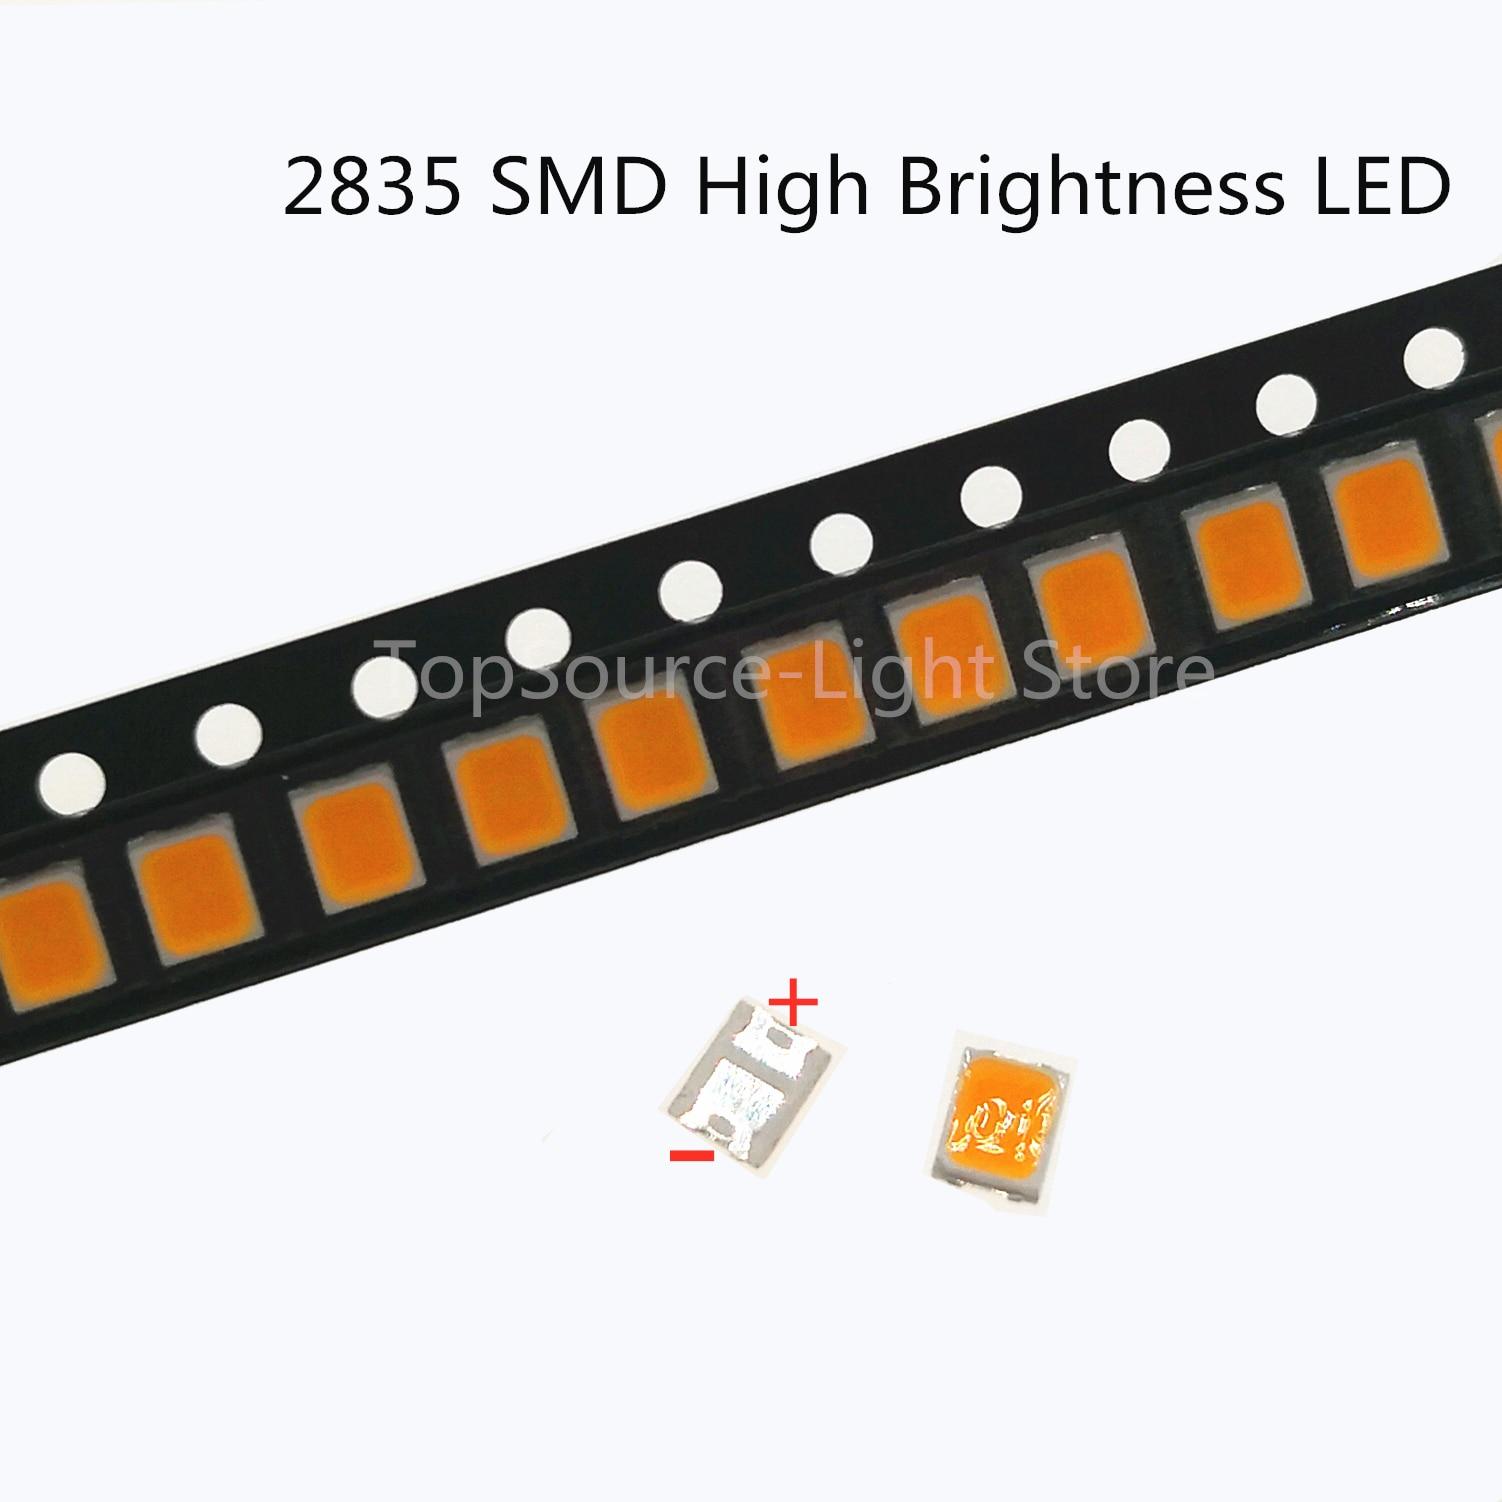 1000 قطعة ل Lextar LED الخلفية 1210 3528 2835 3V 250ma 130lM بارد الأبيض ل LG Innotek LCD الخلفية LED TV التطبيق